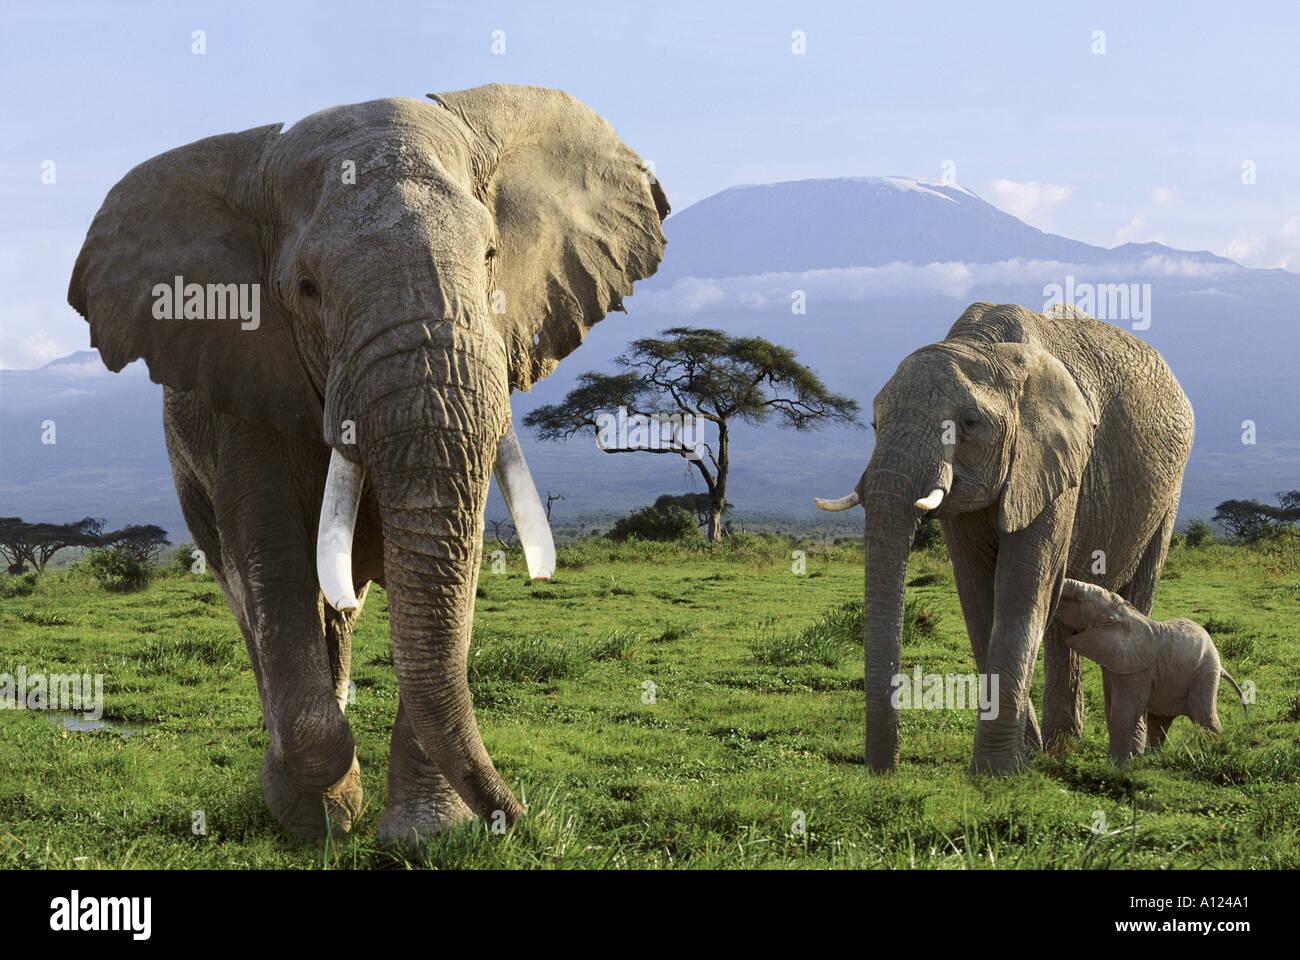 Elephant family and Mt Kilimanjaro Amboseli National Park Kenya - Stock Image